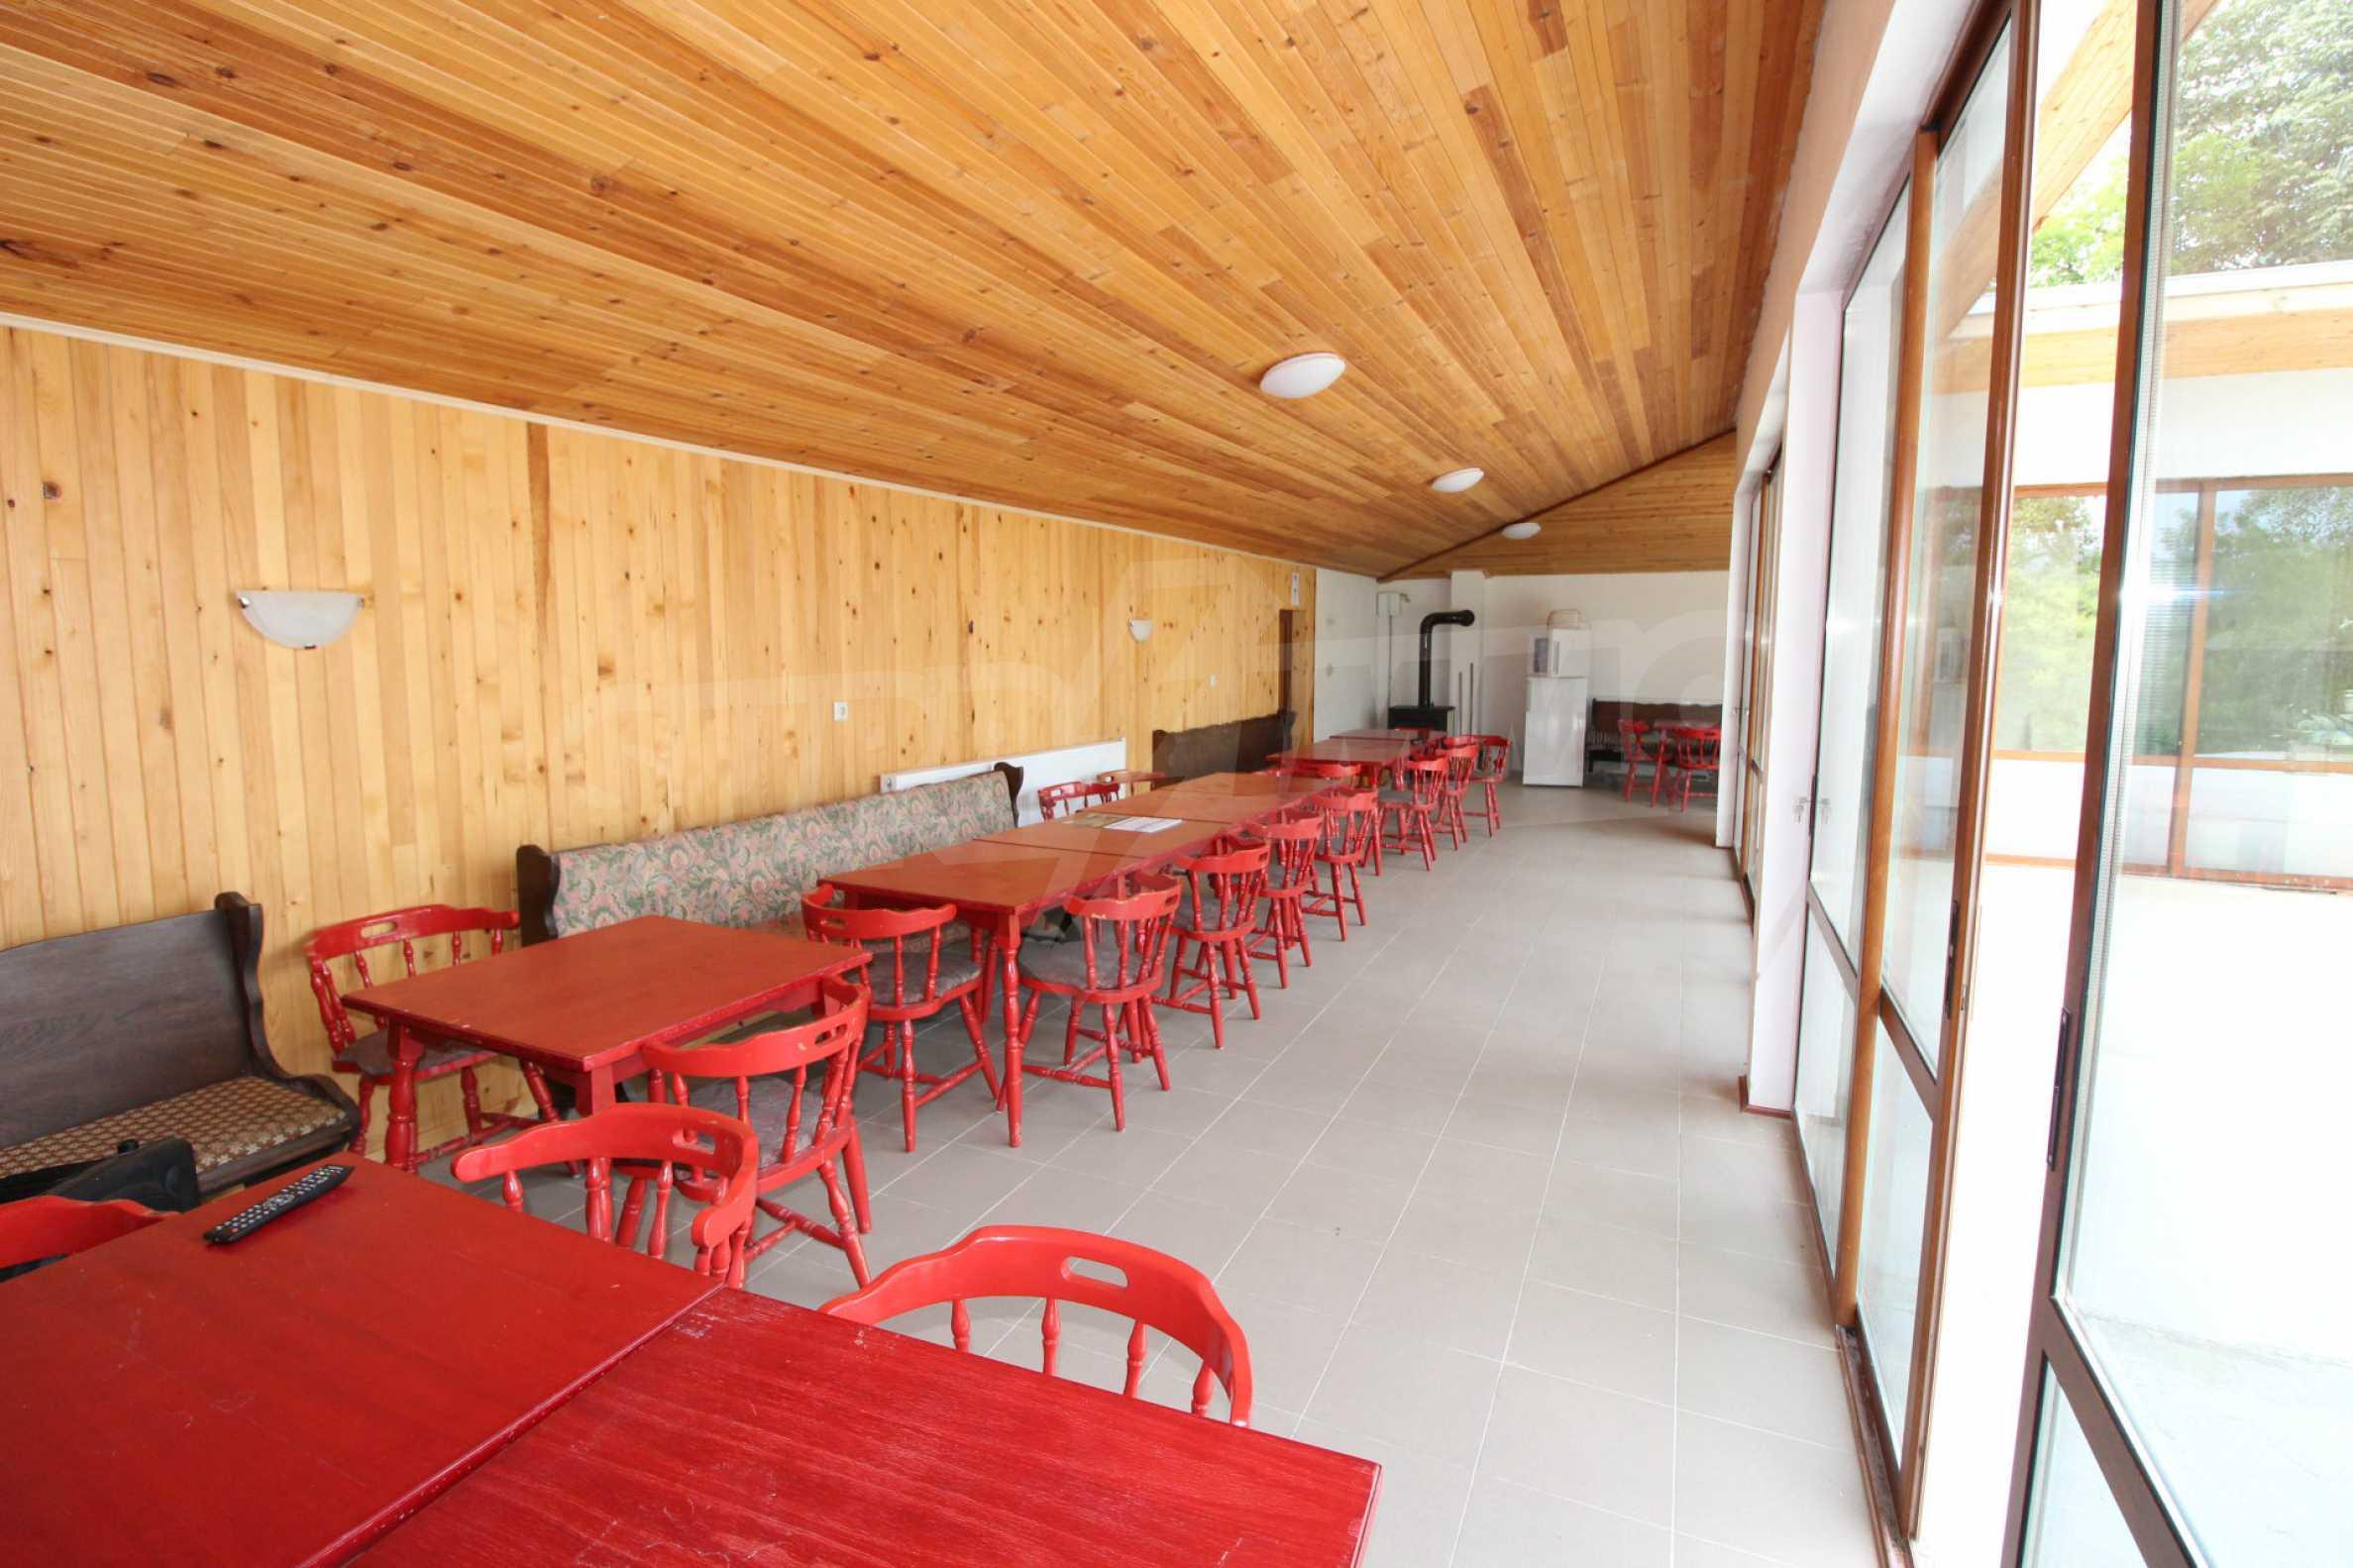 Планинско имение с басейн и  барбекю, с потенциал за развитие на бизнес  34